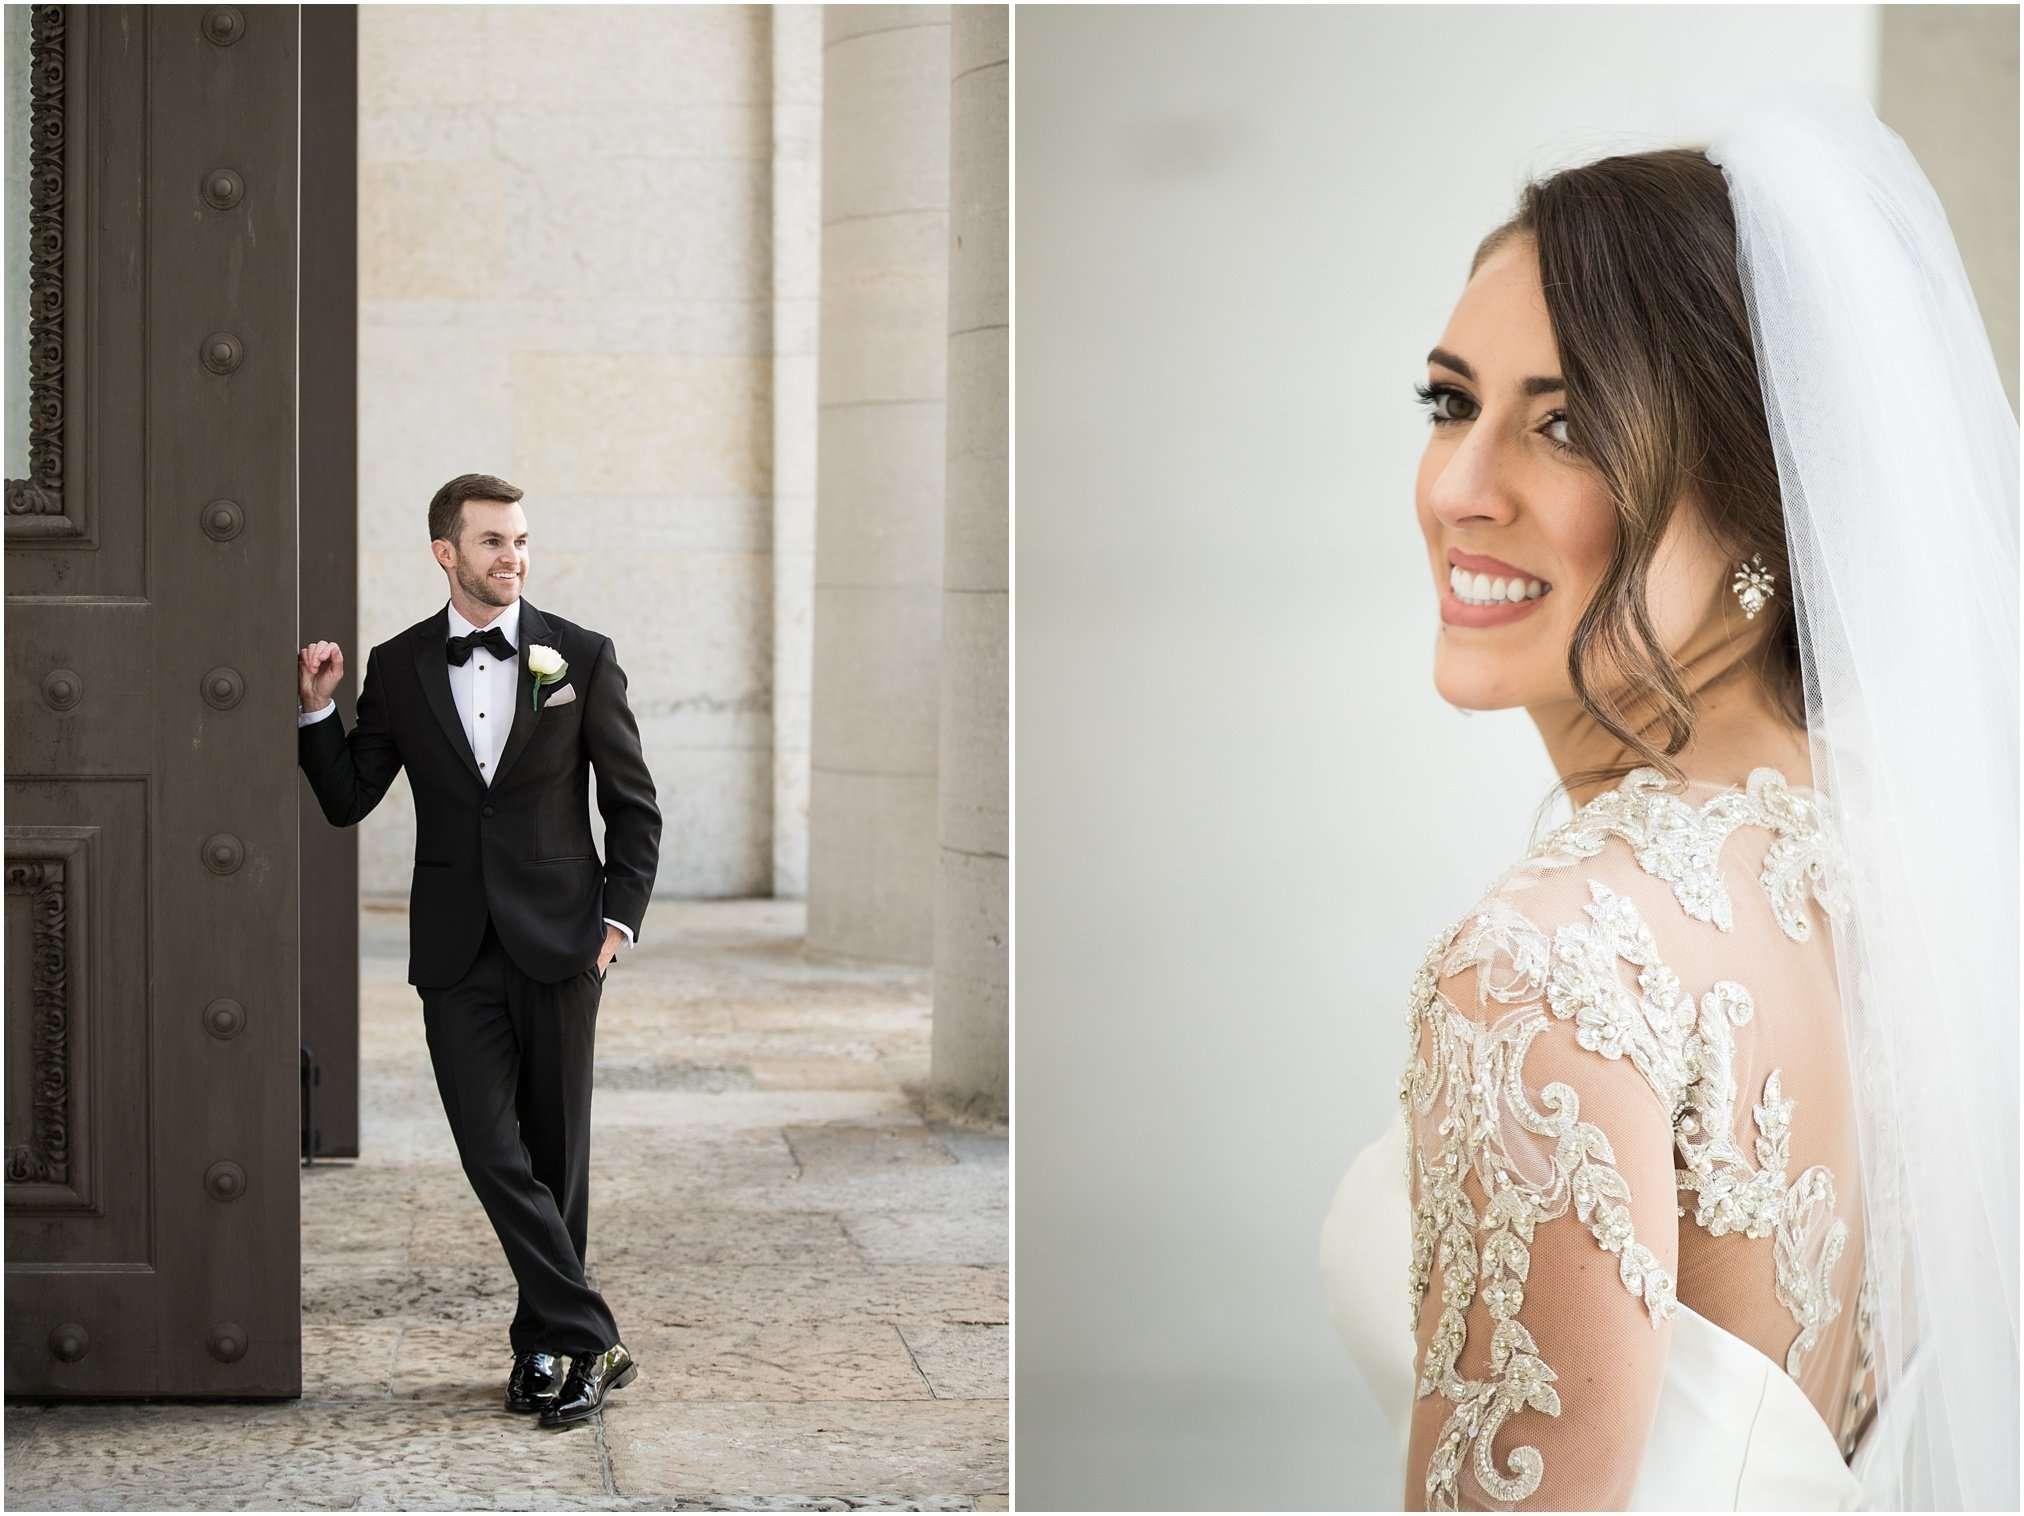 Spring Wedding at the Ohio Statehouse | Columbus Ohio Photography 62